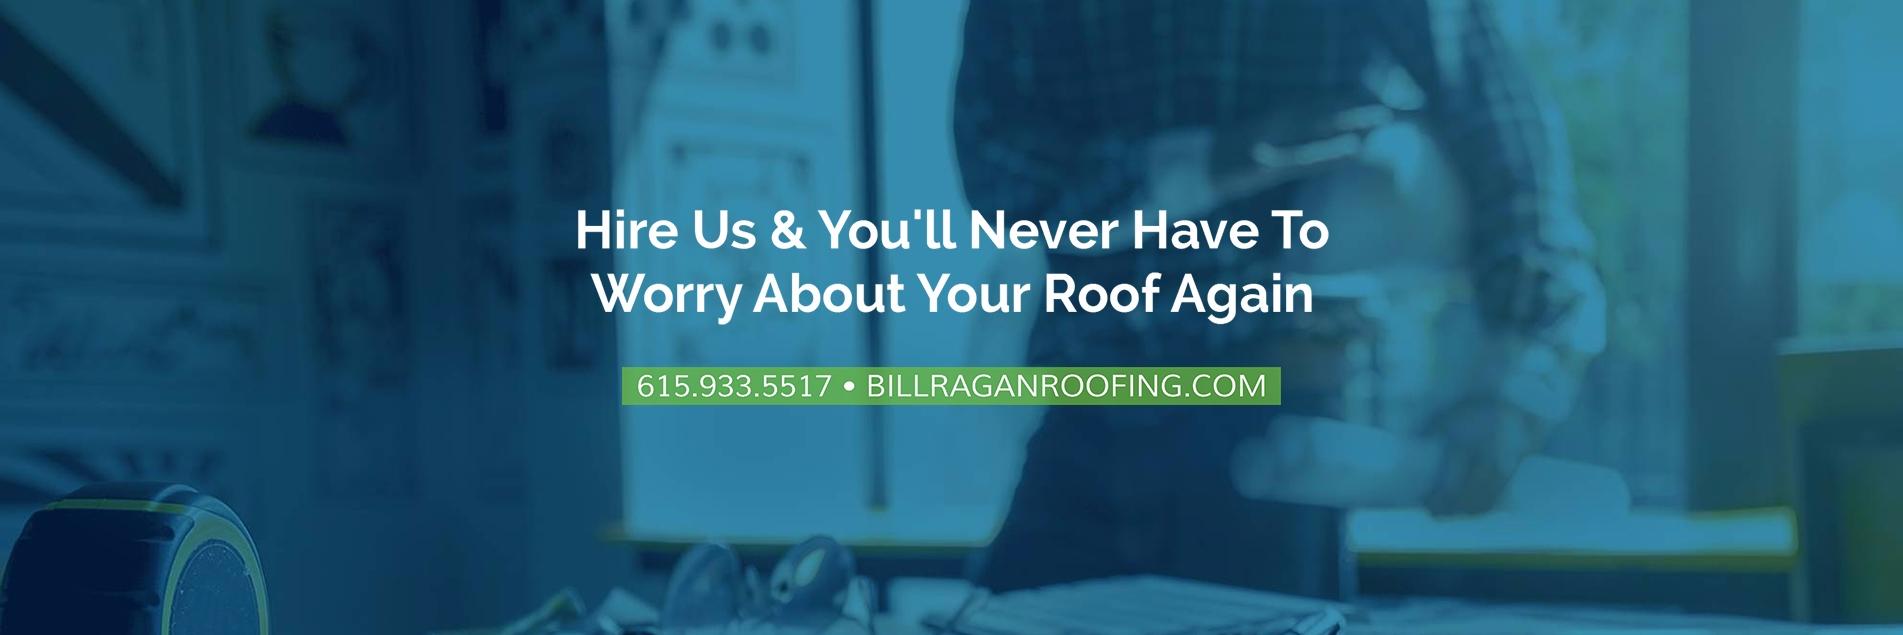 Bill Ragan Roofing & Associates, LLC (@billraganroofing) Cover Image